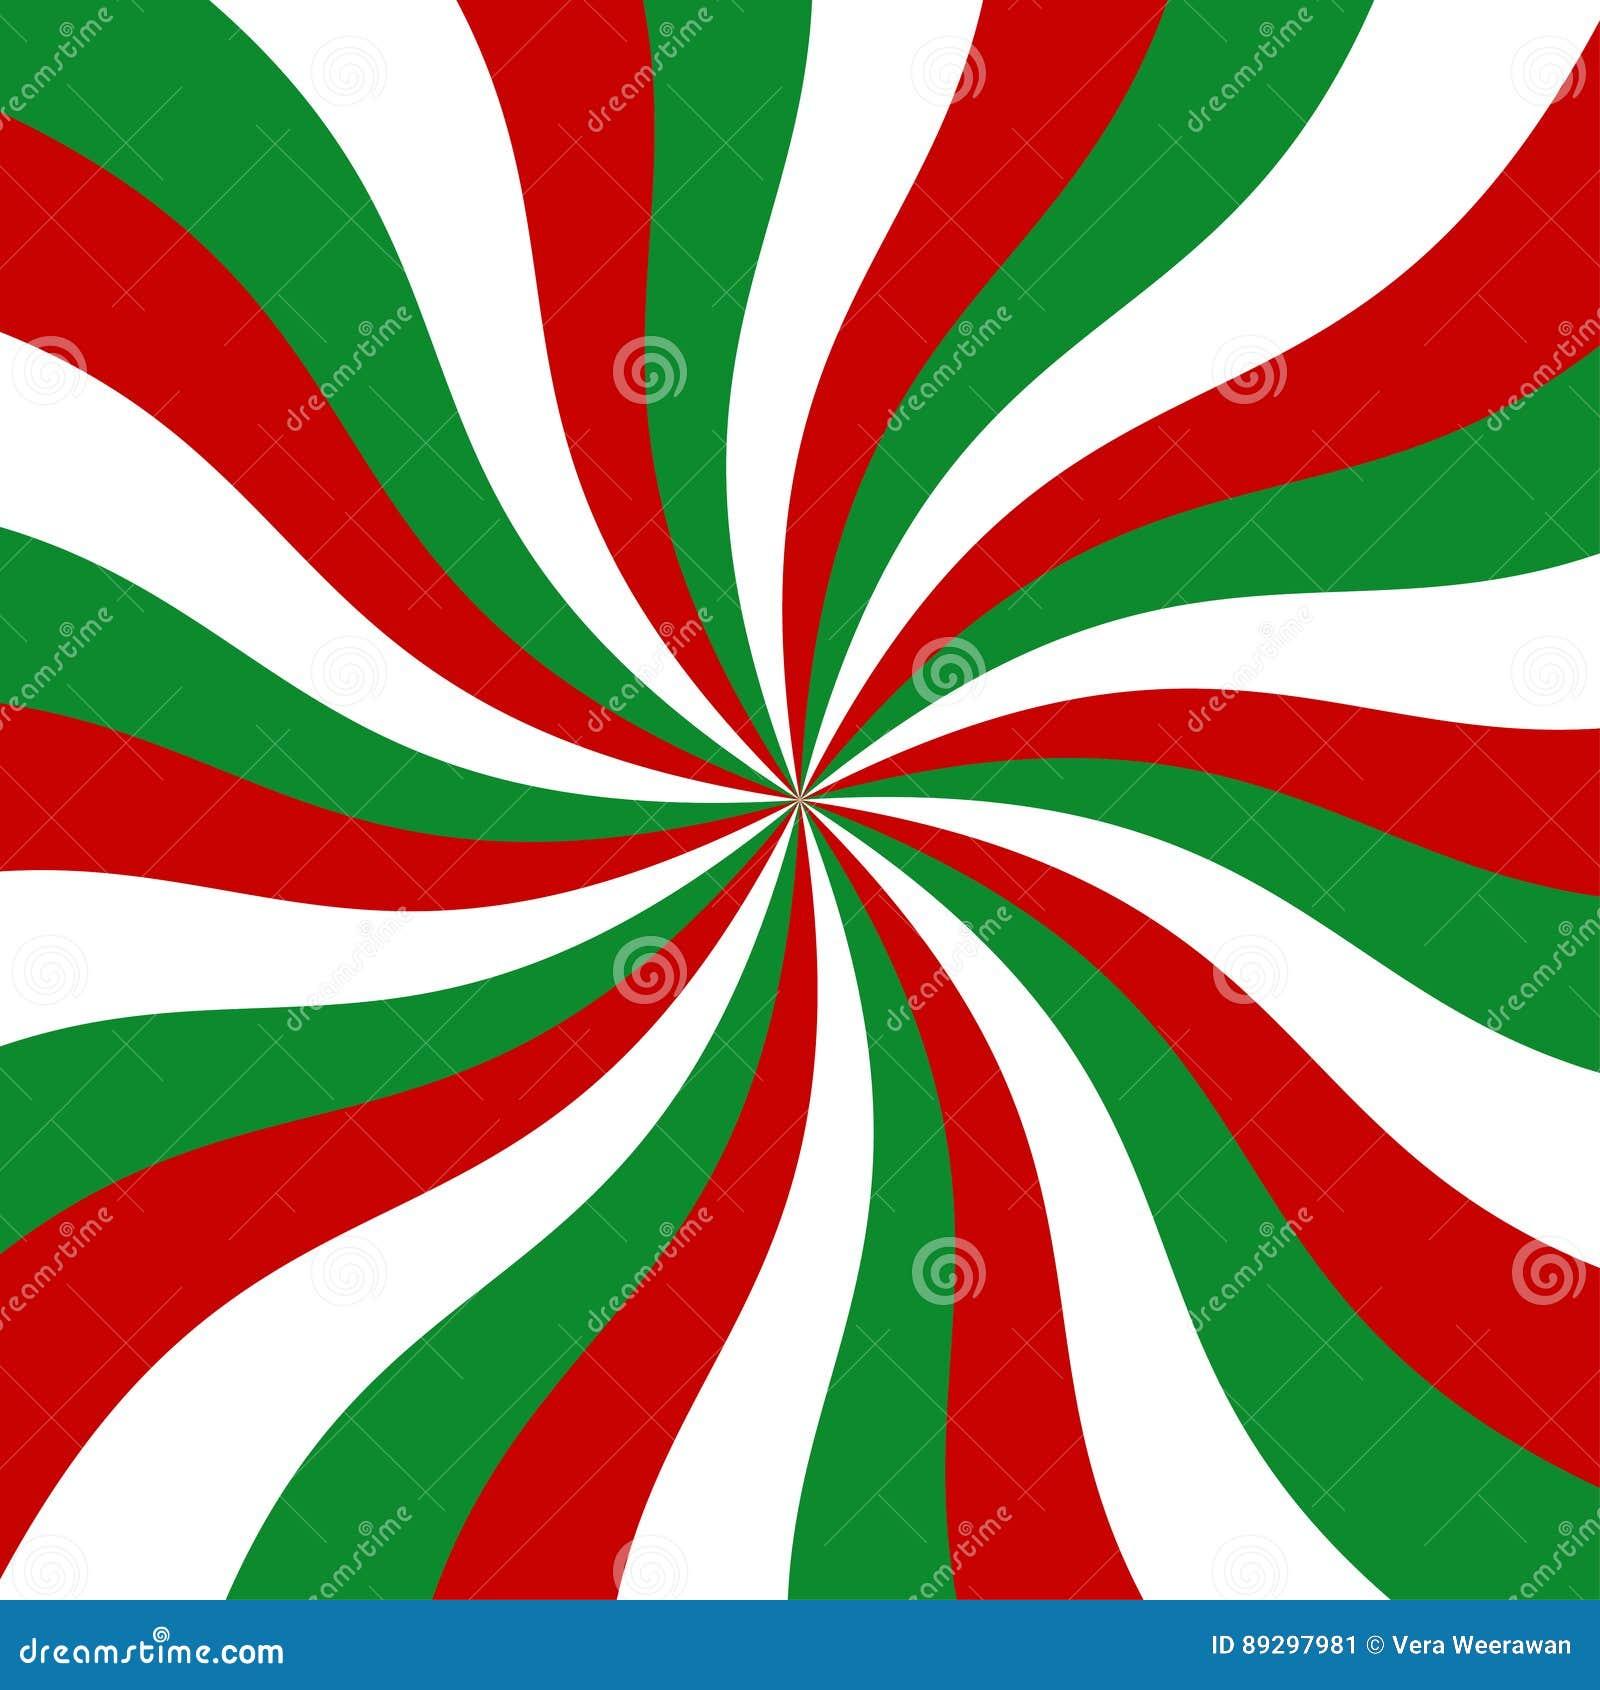 Fondo rojo verde y blanco del resplandor solar del vector - Papel pintado rojo y blanco ...